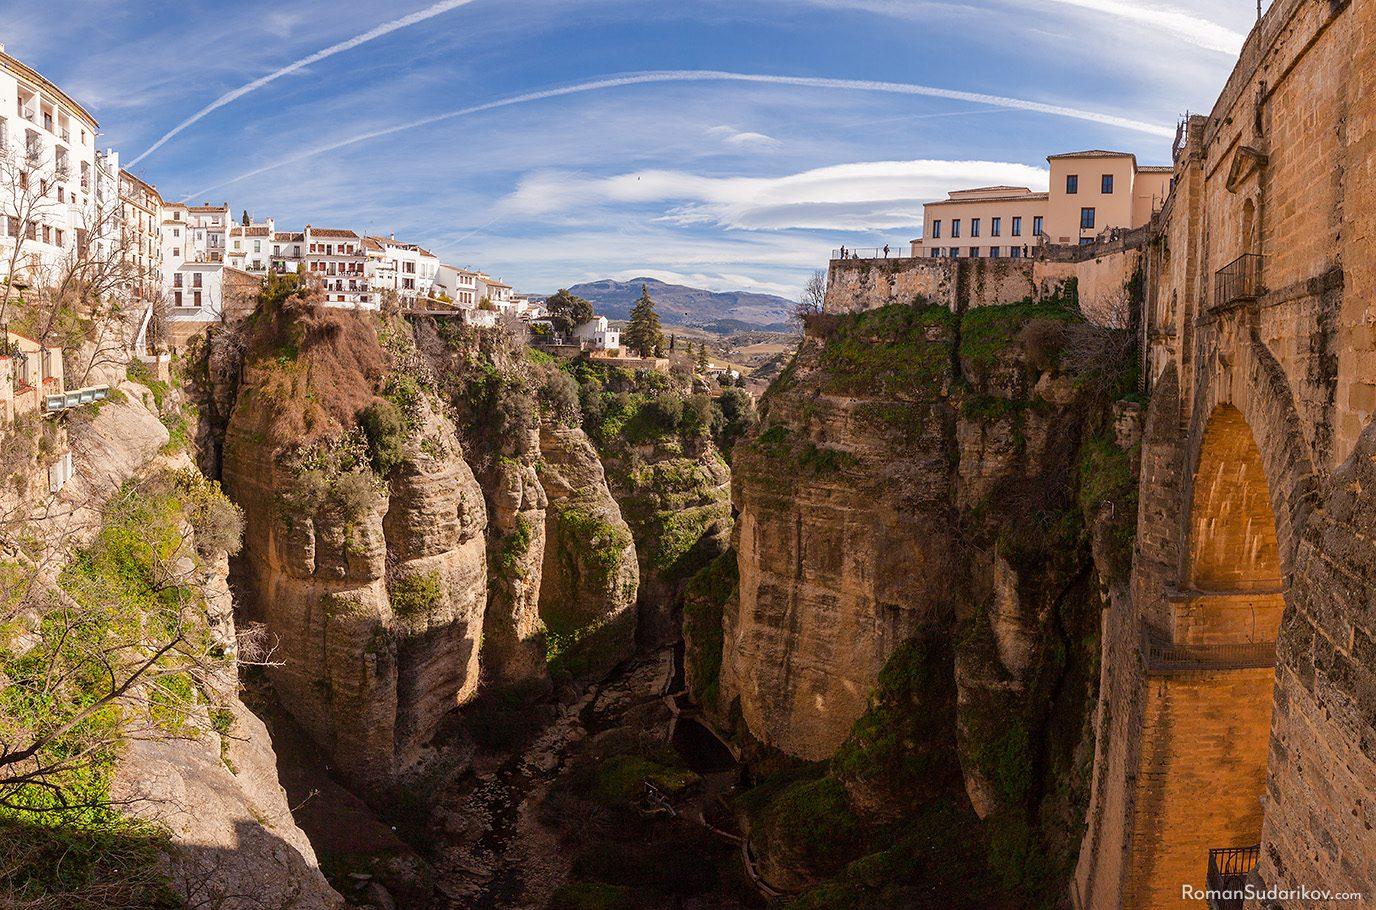 Ущелье Ель Тахо, Ронда, Испания